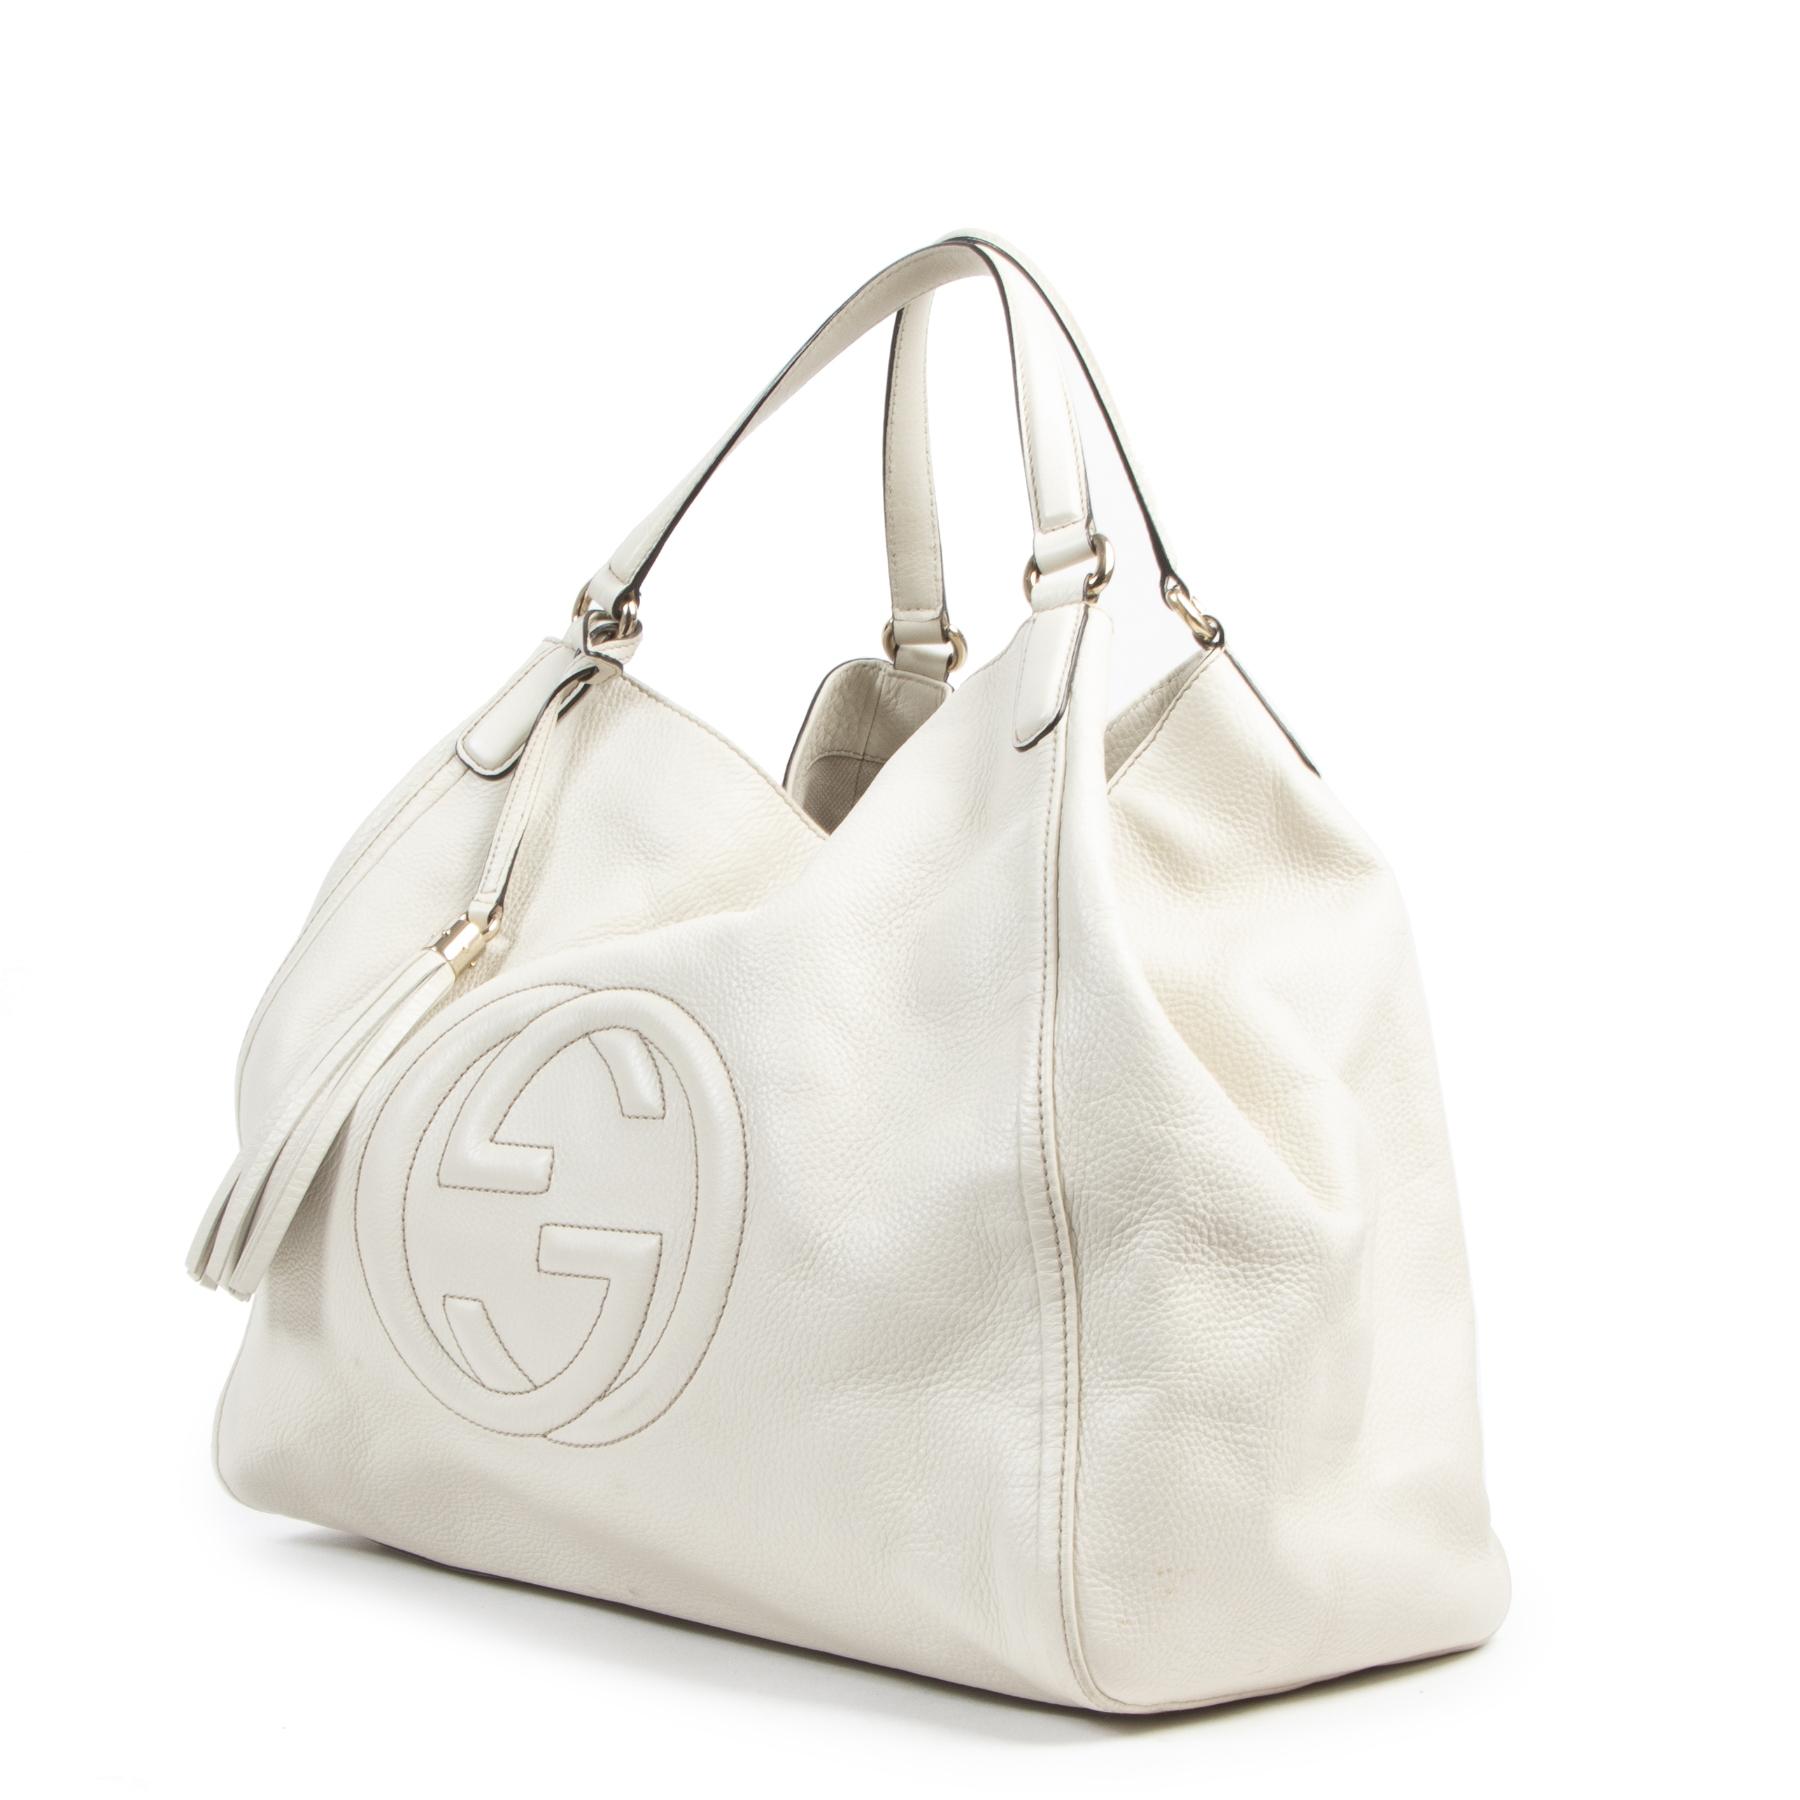 Gucci Soho Large Cream Shopper Bag pour le meilleur prix chez Labellov à Anvers Belgique